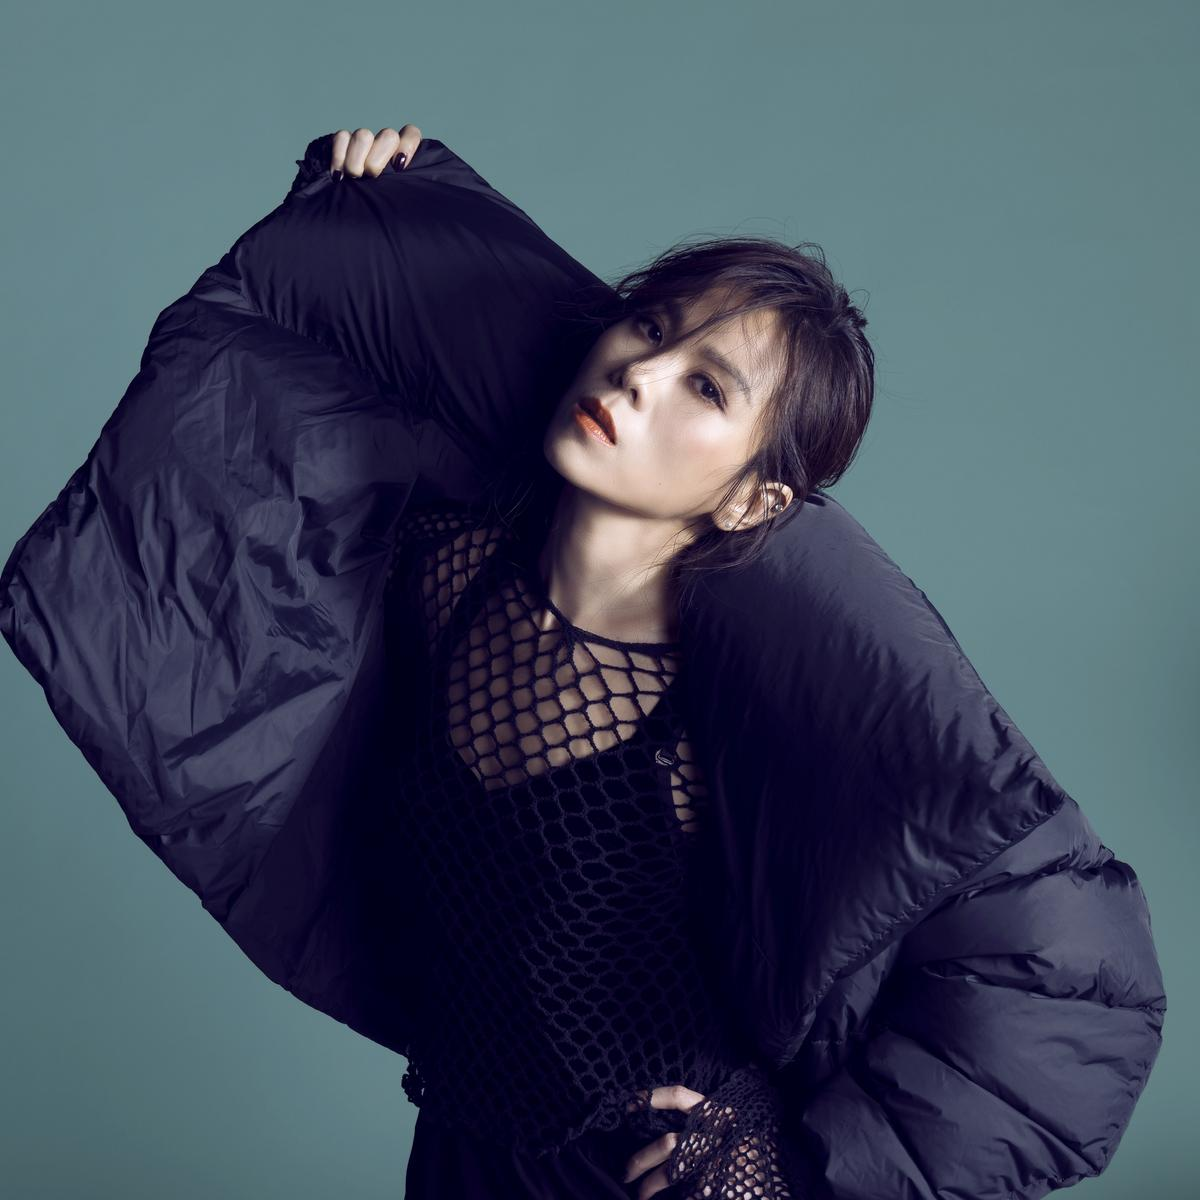 蔡健雅剛結束小巨蛋演唱會,推出新作重新詮釋寫給其他歌手的作品。(環球提供)